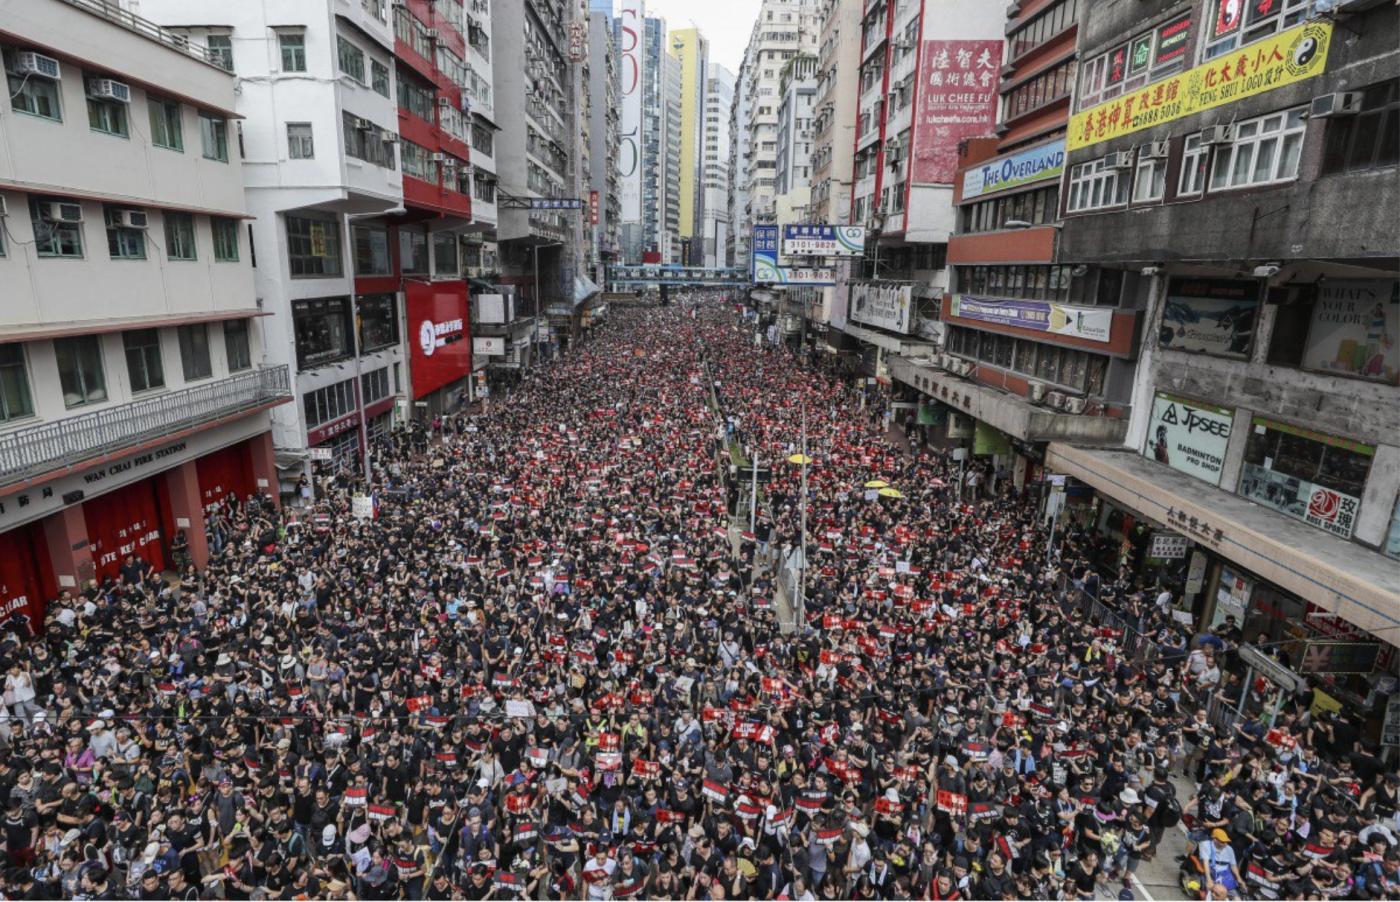 我也是香港居民,希望香港恢复平静_图1-1